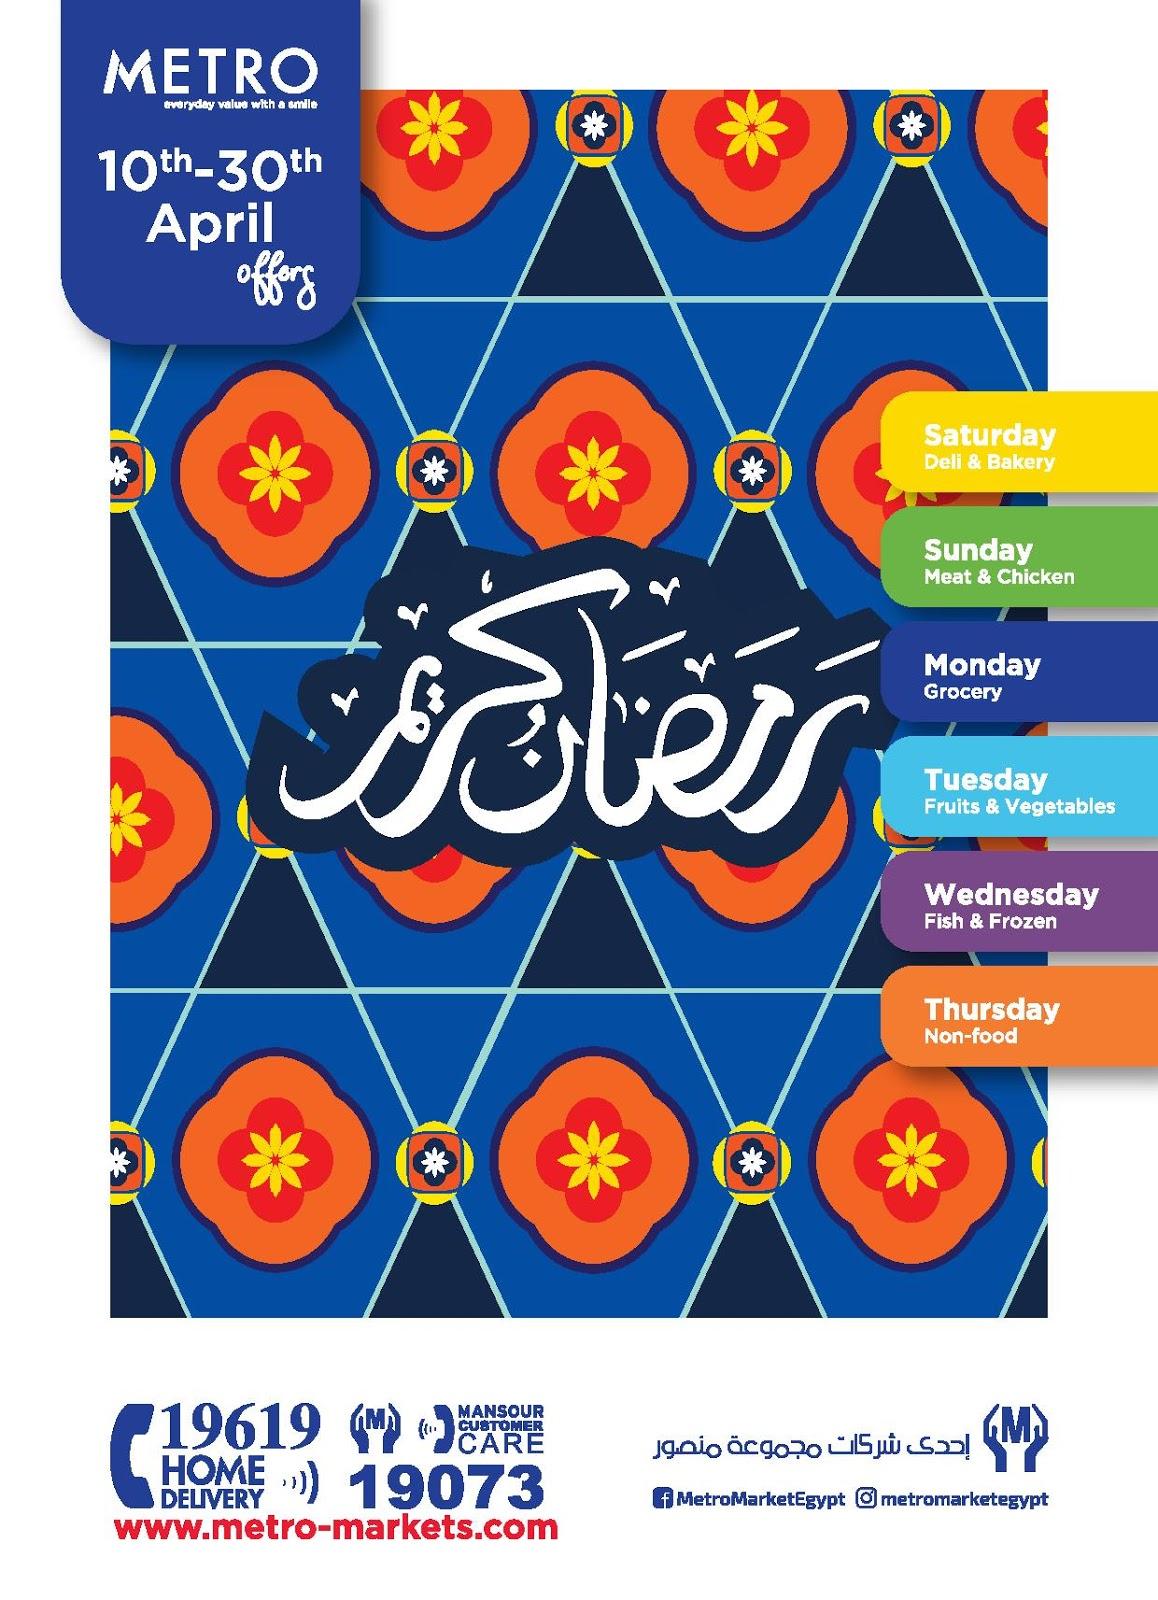 عروض مترو ماركت رمضان من 10 ابريل حتى 30 ابريل 2020